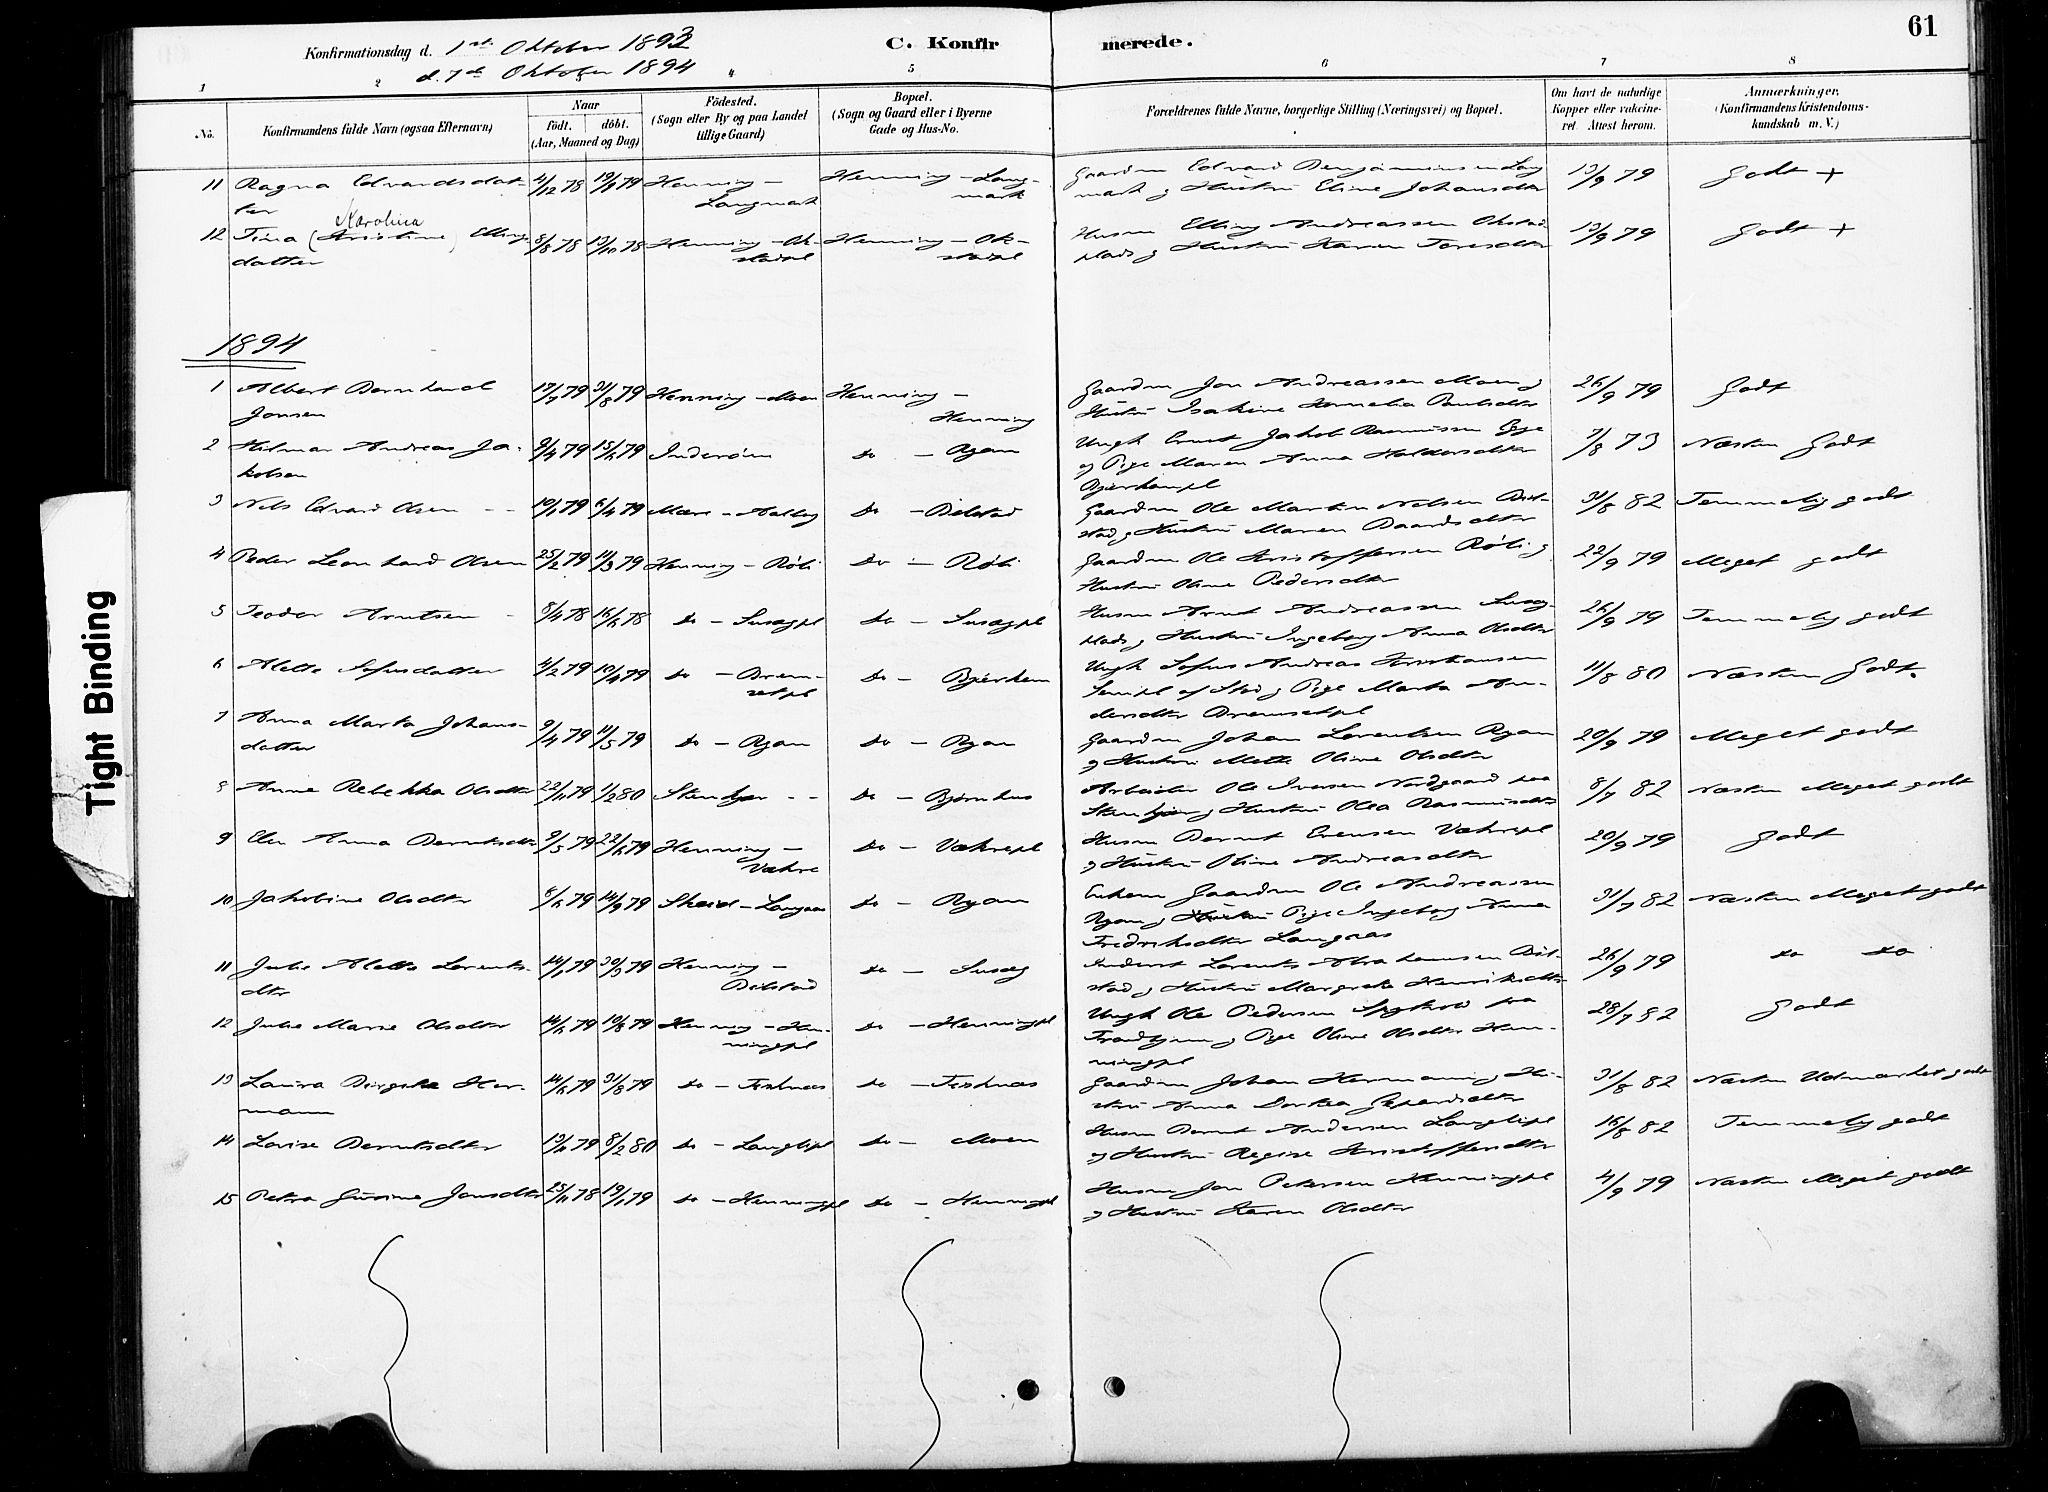 SAT, Ministerialprotokoller, klokkerbøker og fødselsregistre - Nord-Trøndelag, 738/L0364: Ministerialbok nr. 738A01, 1884-1902, s. 61